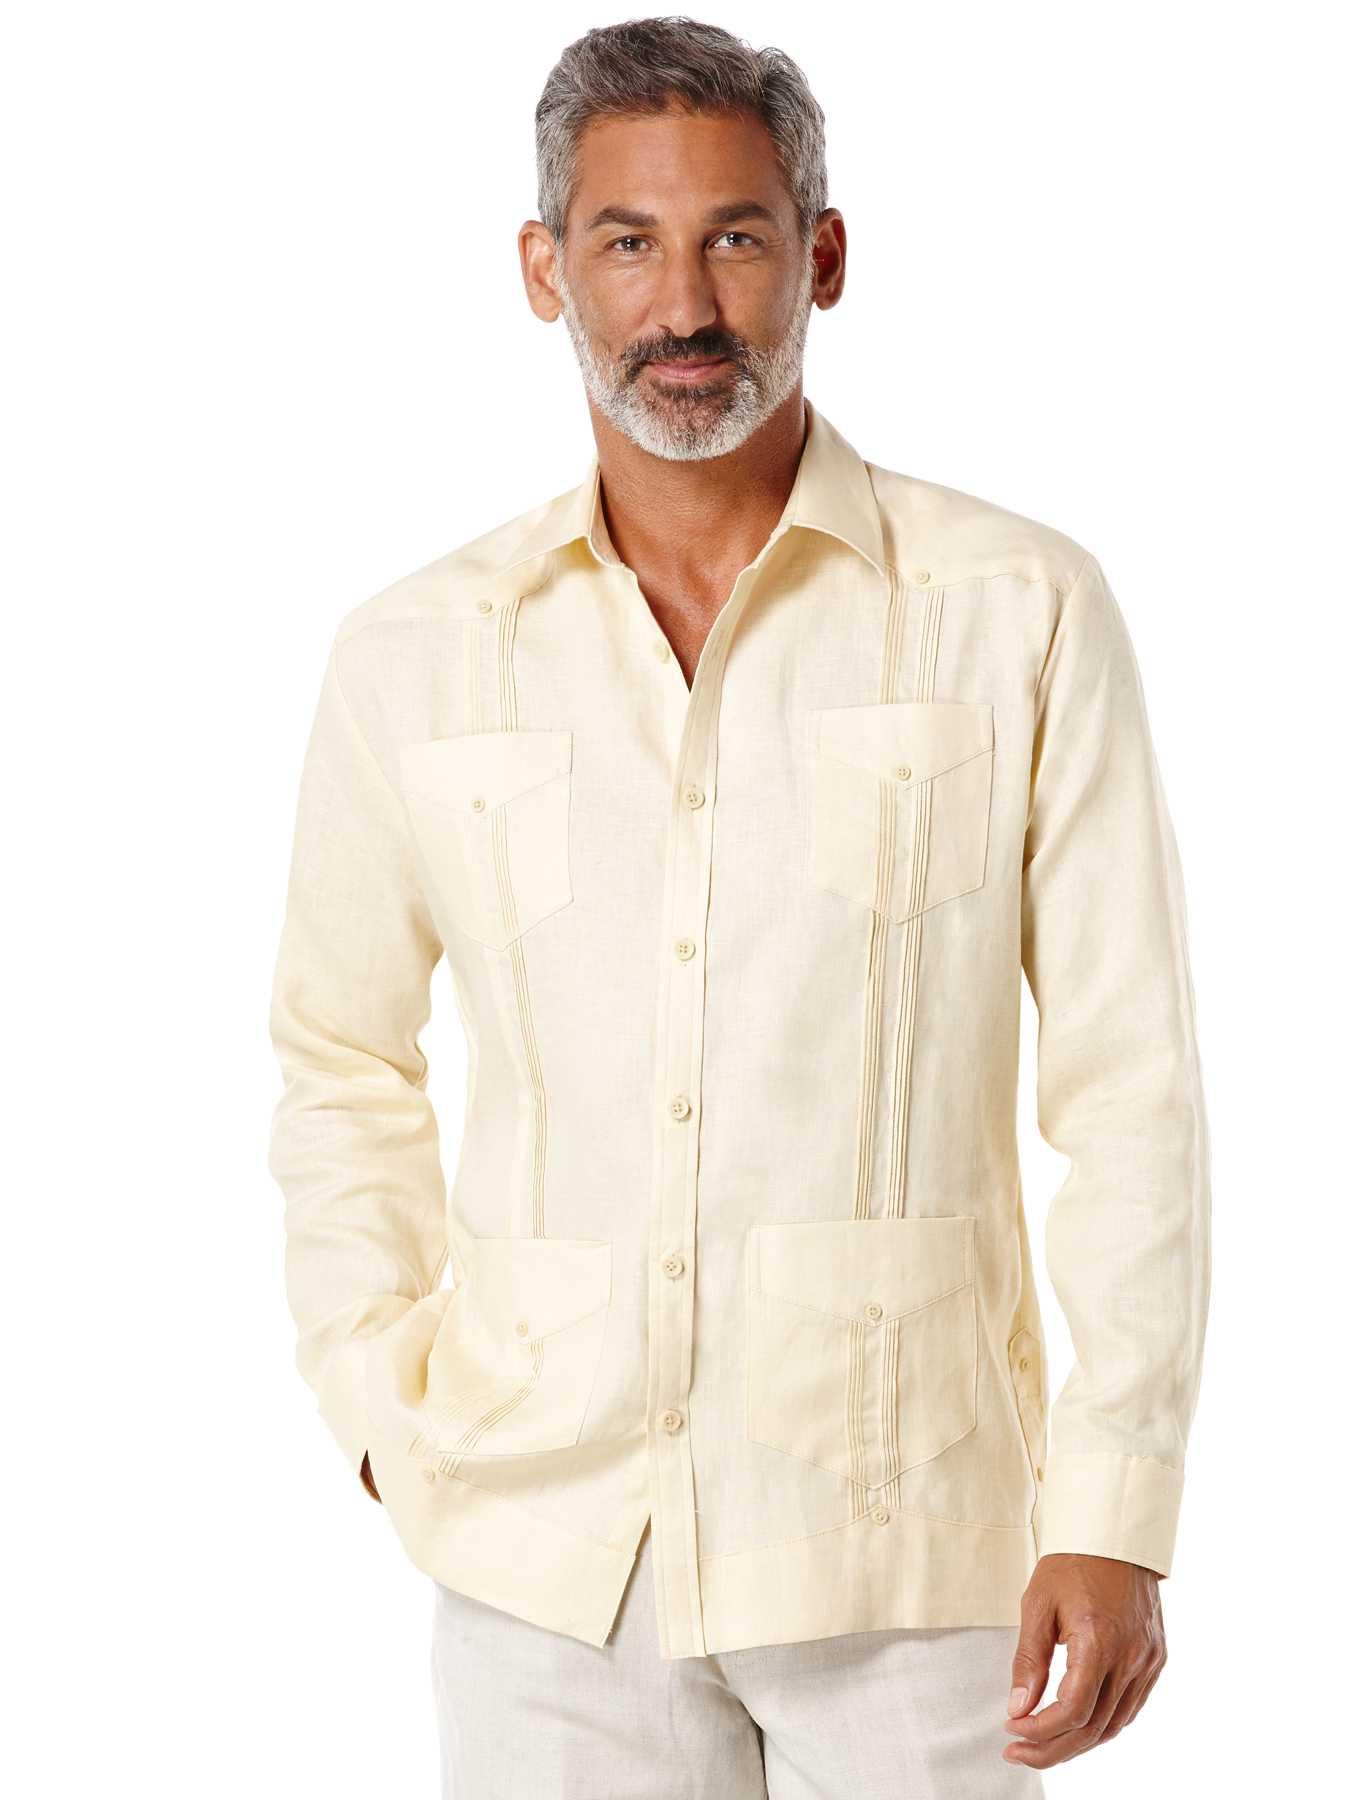 Cubavera 100% Linen Long Sleeve Classic Guayabera